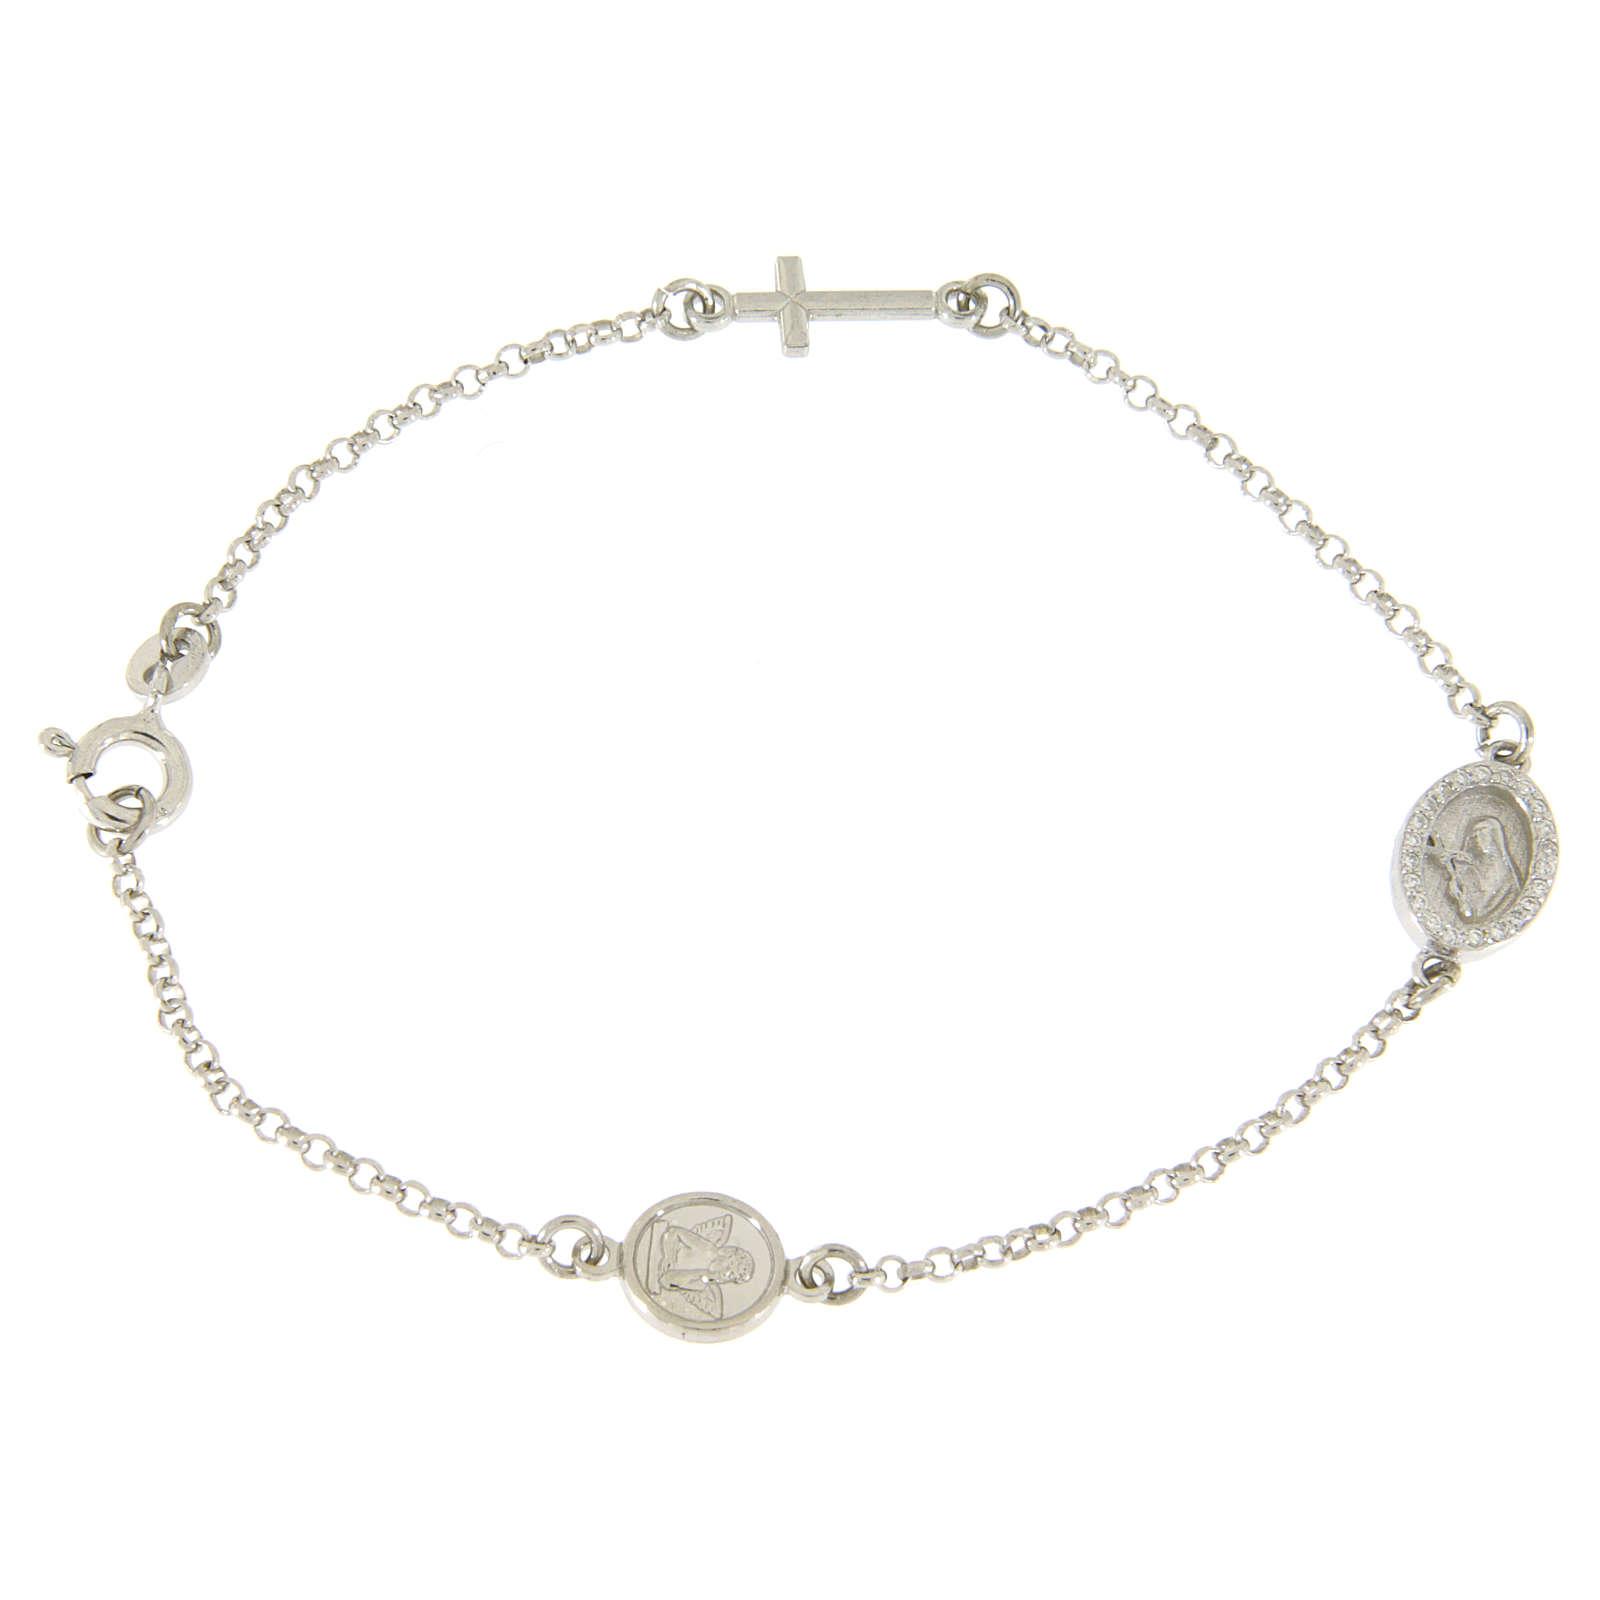 Bracciale in argento 925 con croce e medaglietta con zirconi bianchi 4